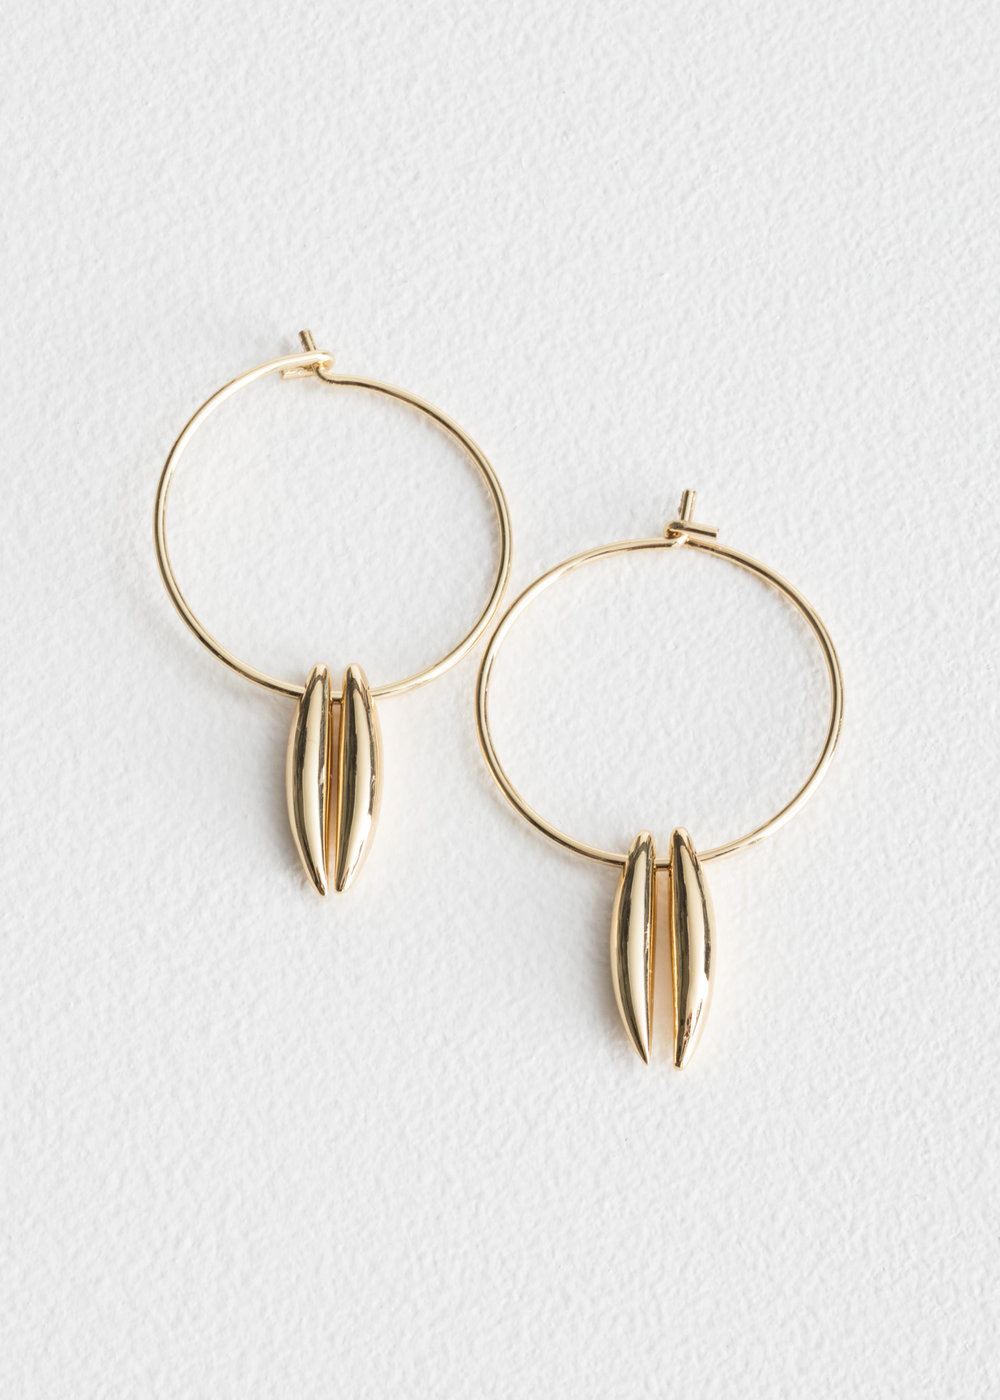 Charm Earrings $19